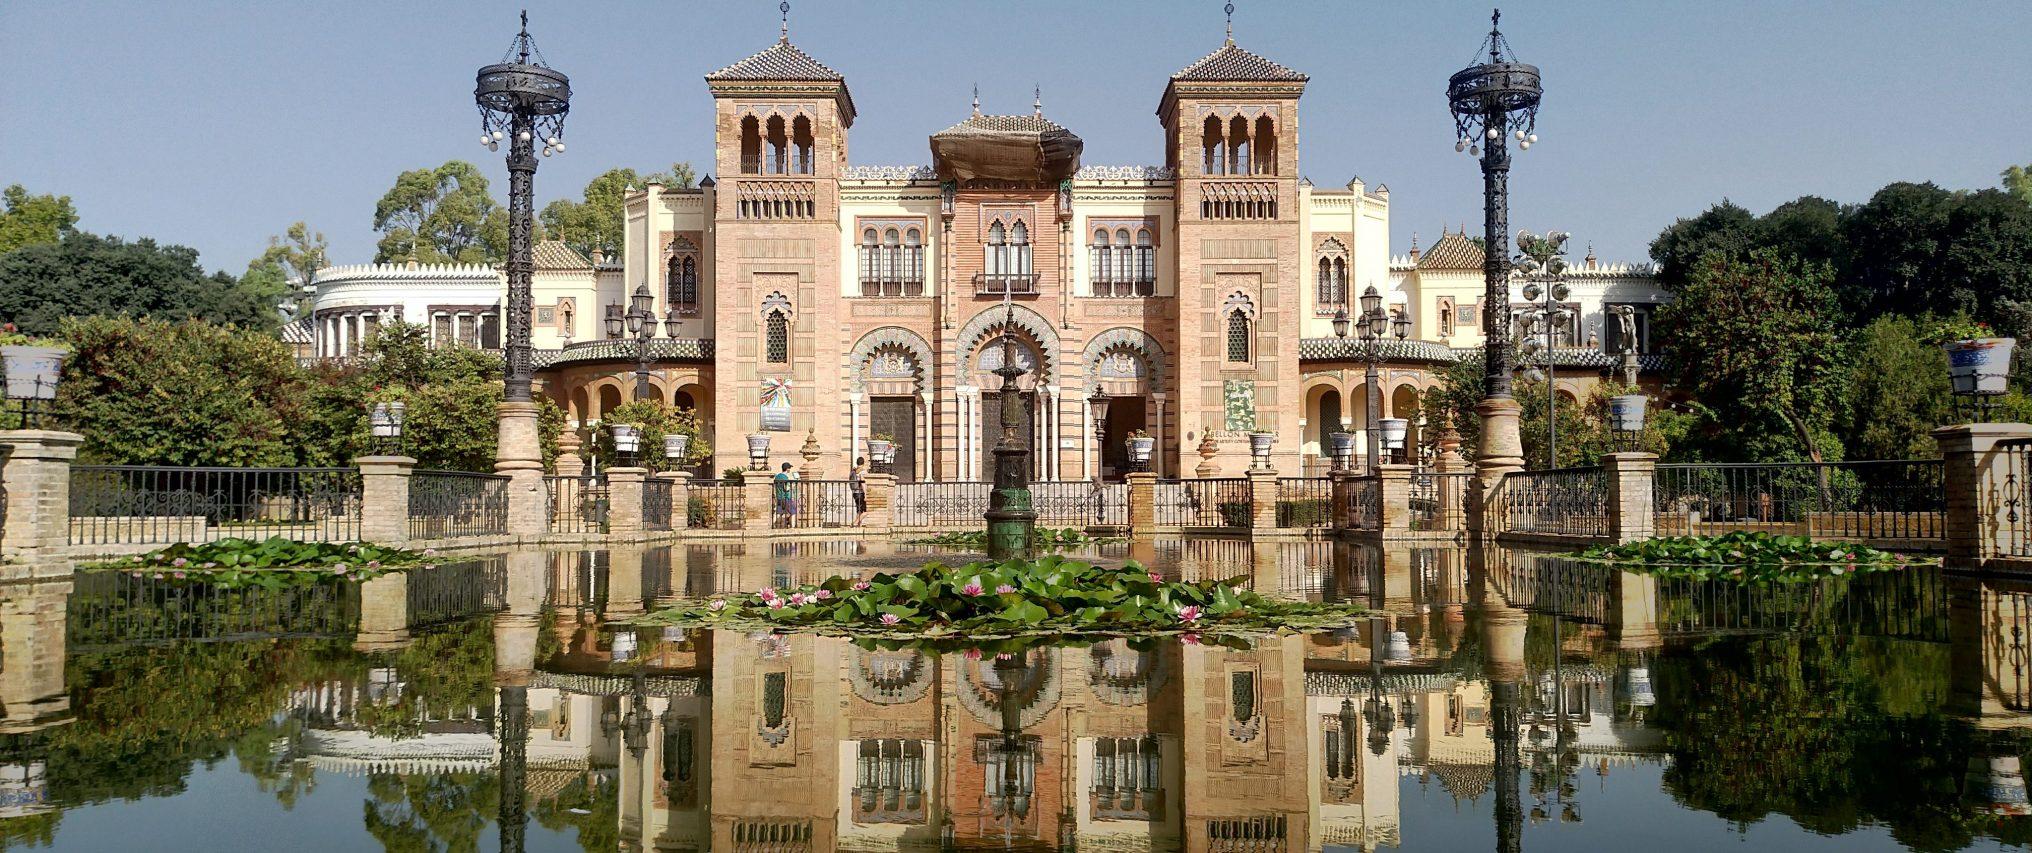 andalusia senza automobile,Museo de Arte y Costumbres Populares di Siviglia